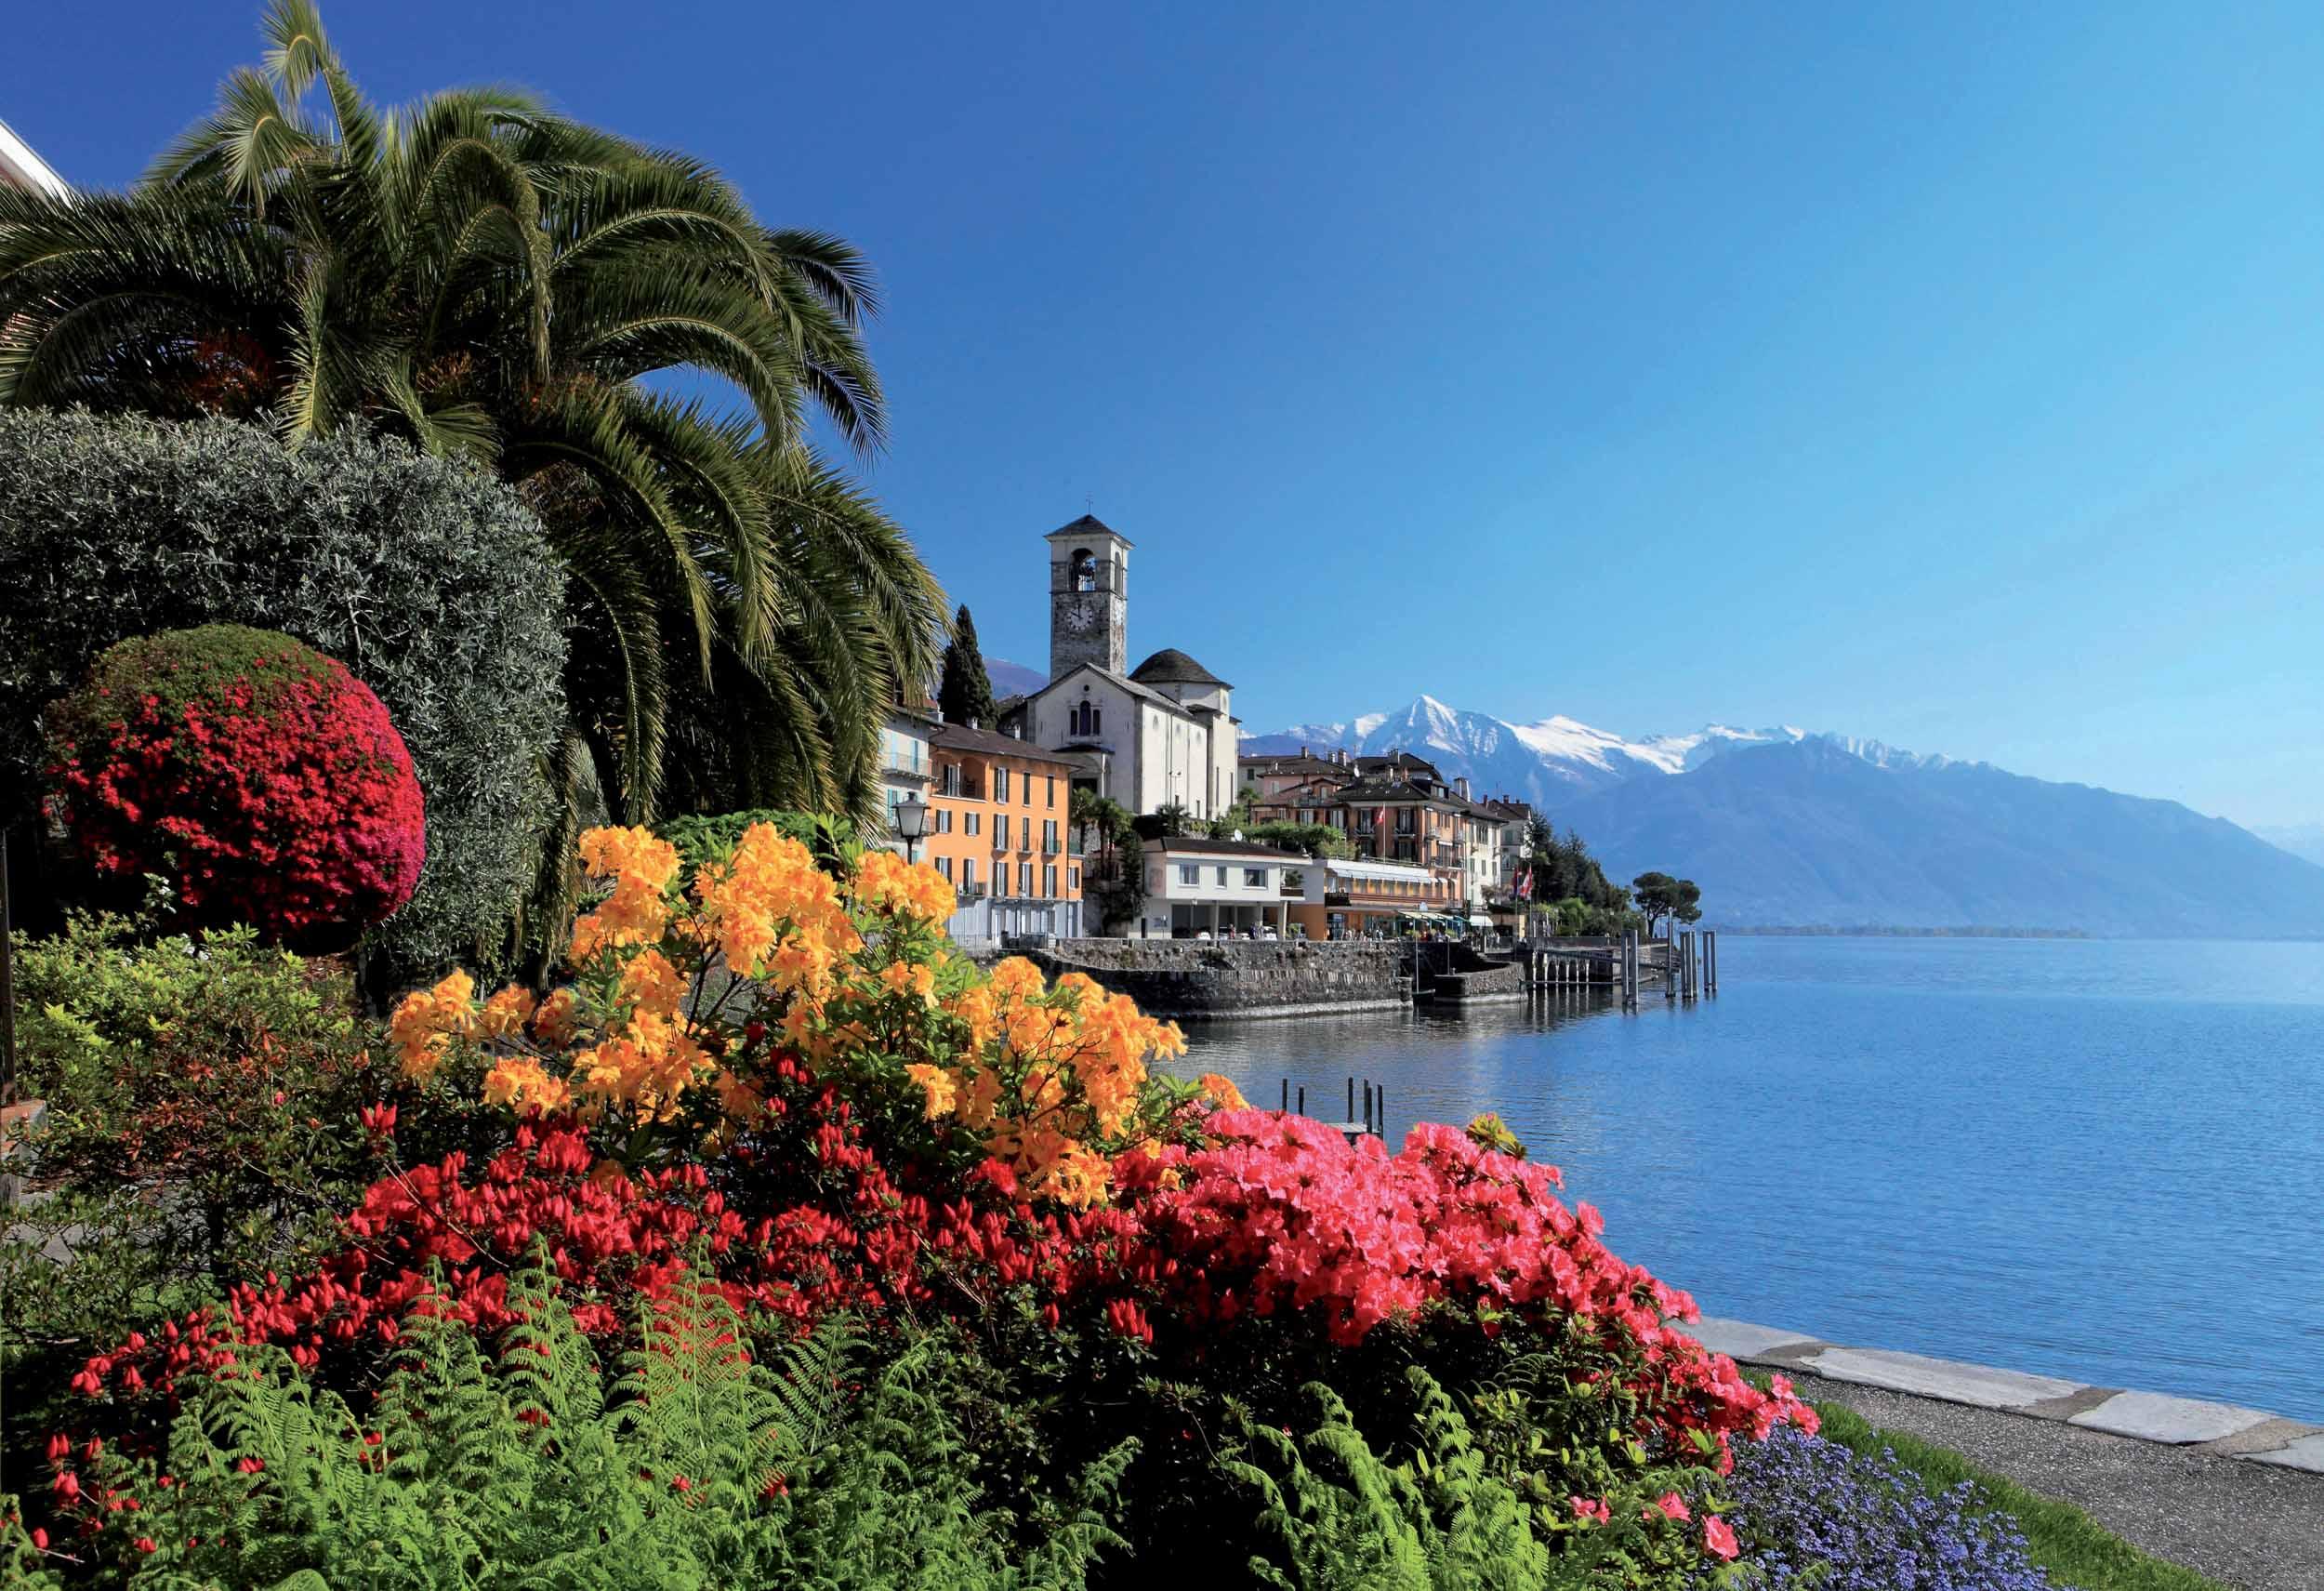 Lake promenade in Brissago. Copyright by Ticino Turismo